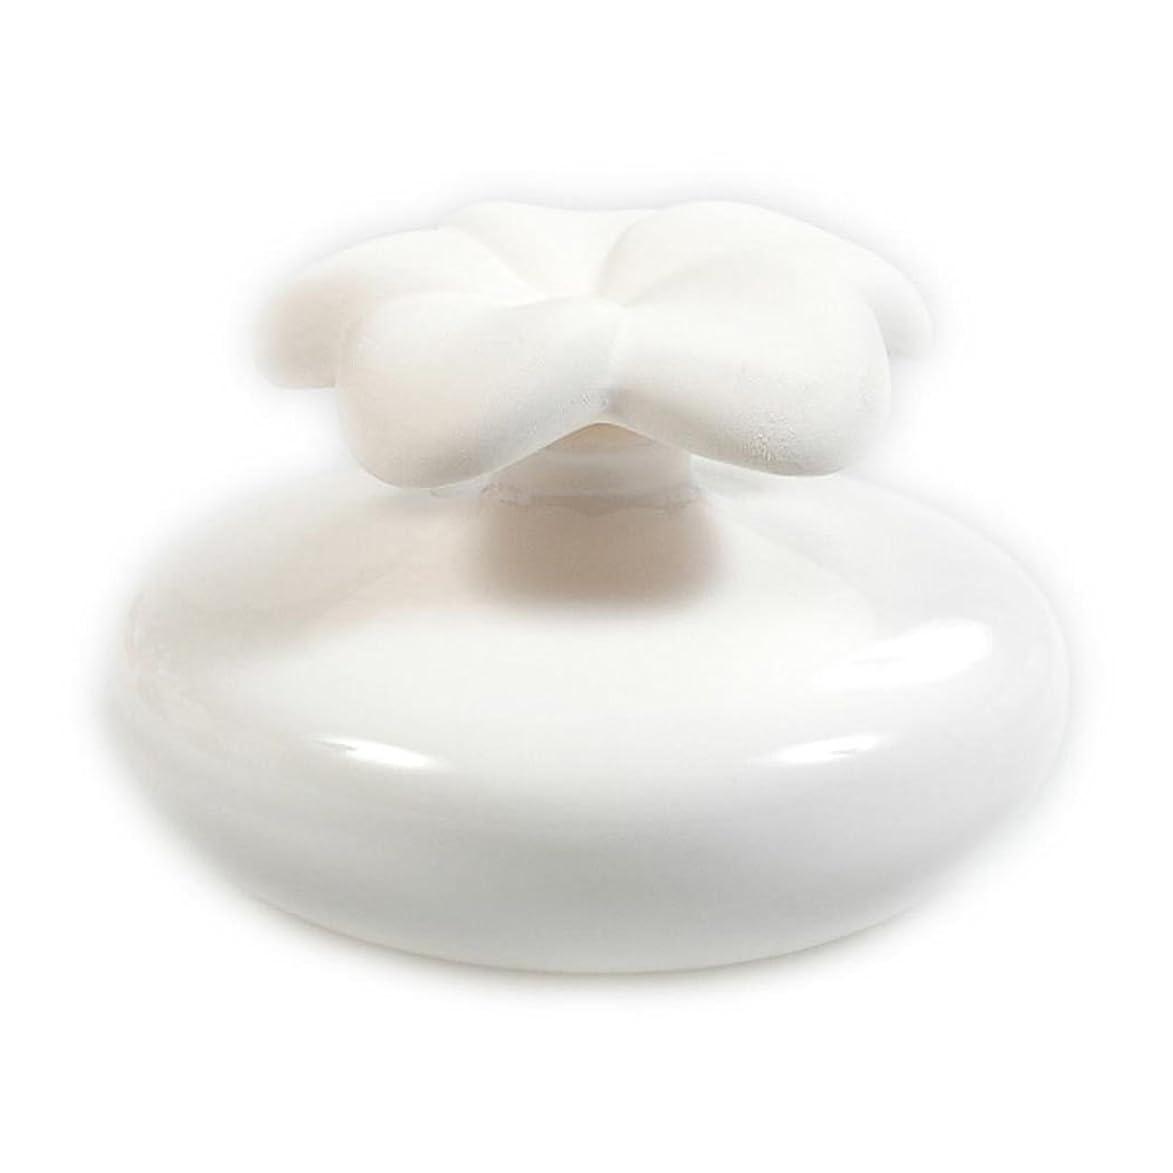 オーストラリア人たまに急流Millefiori FIORE ルームフレグランス用 花の形のセラミックディフューザー Mサイズ ホワイト LDIF-FM-001